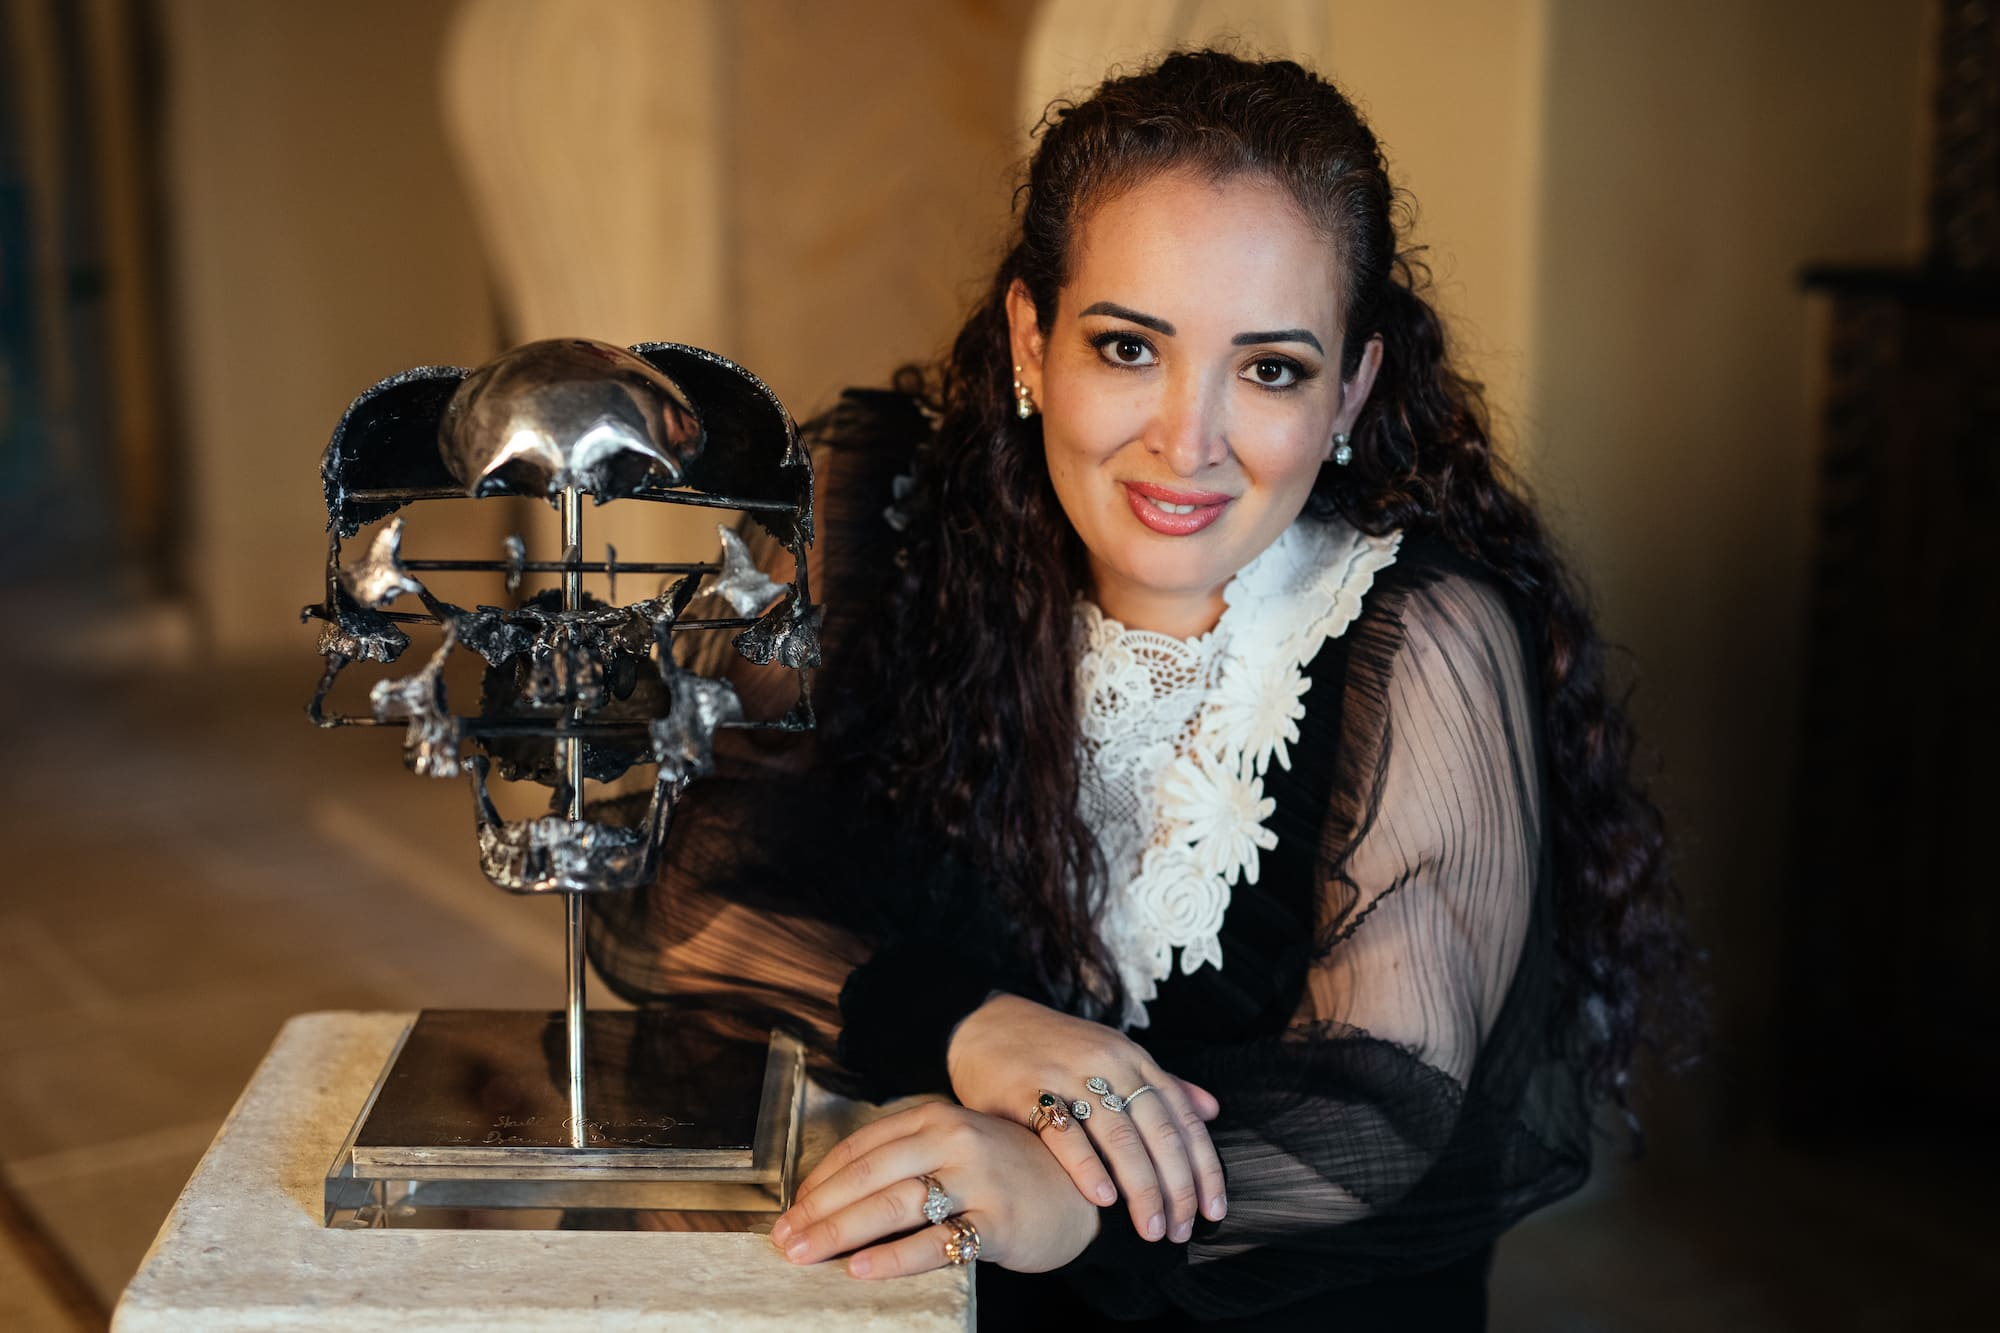 Las mujeres deben estar convencidas de lo que pueden hacer expresa Lorena Junco de la Vega.